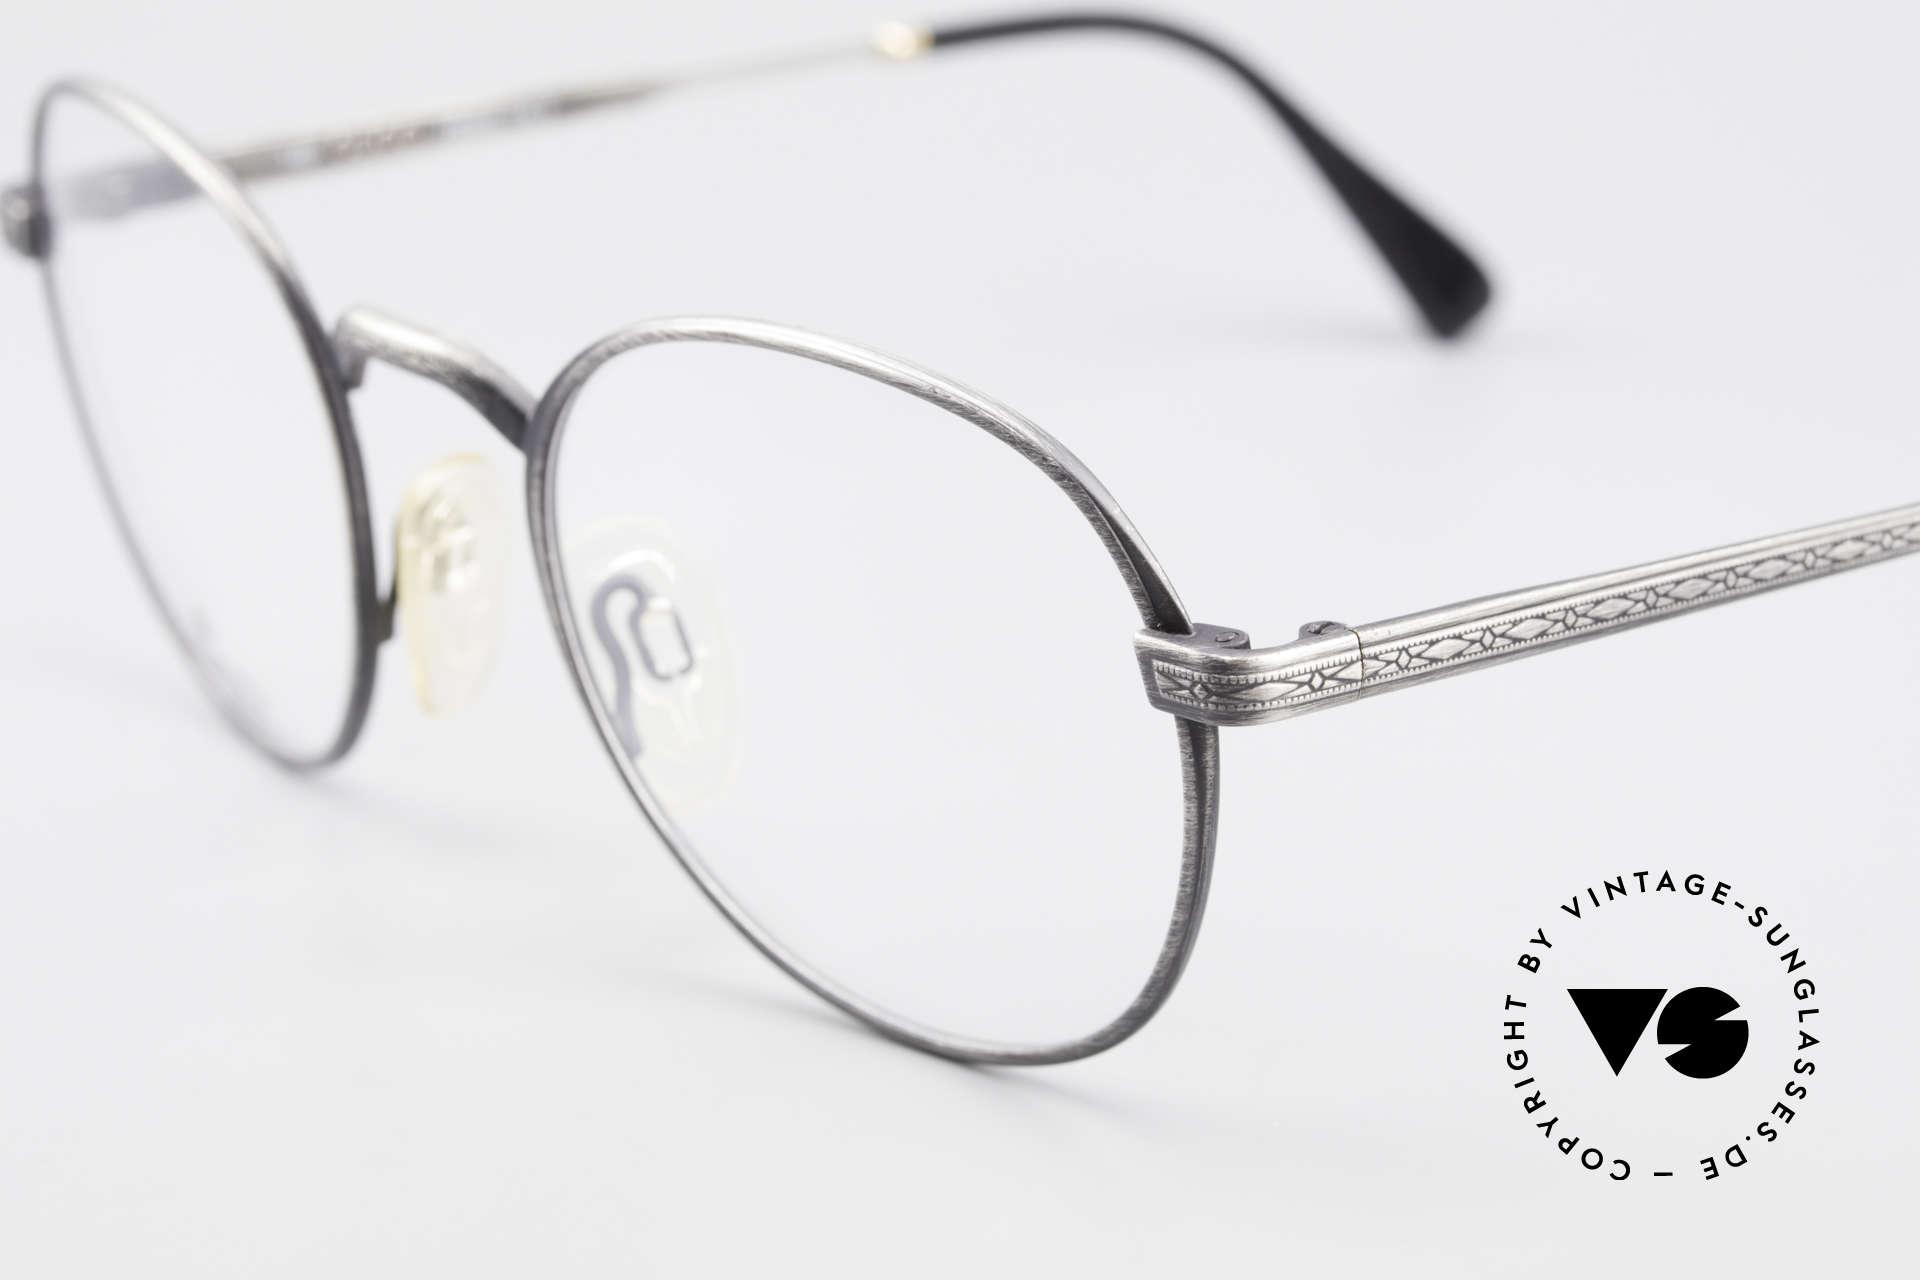 Gucci 1226 Klassische 80er Panto Brille, elegantes zeitloses Design mit orig. Gucci Etui, Passend für Herren und Damen